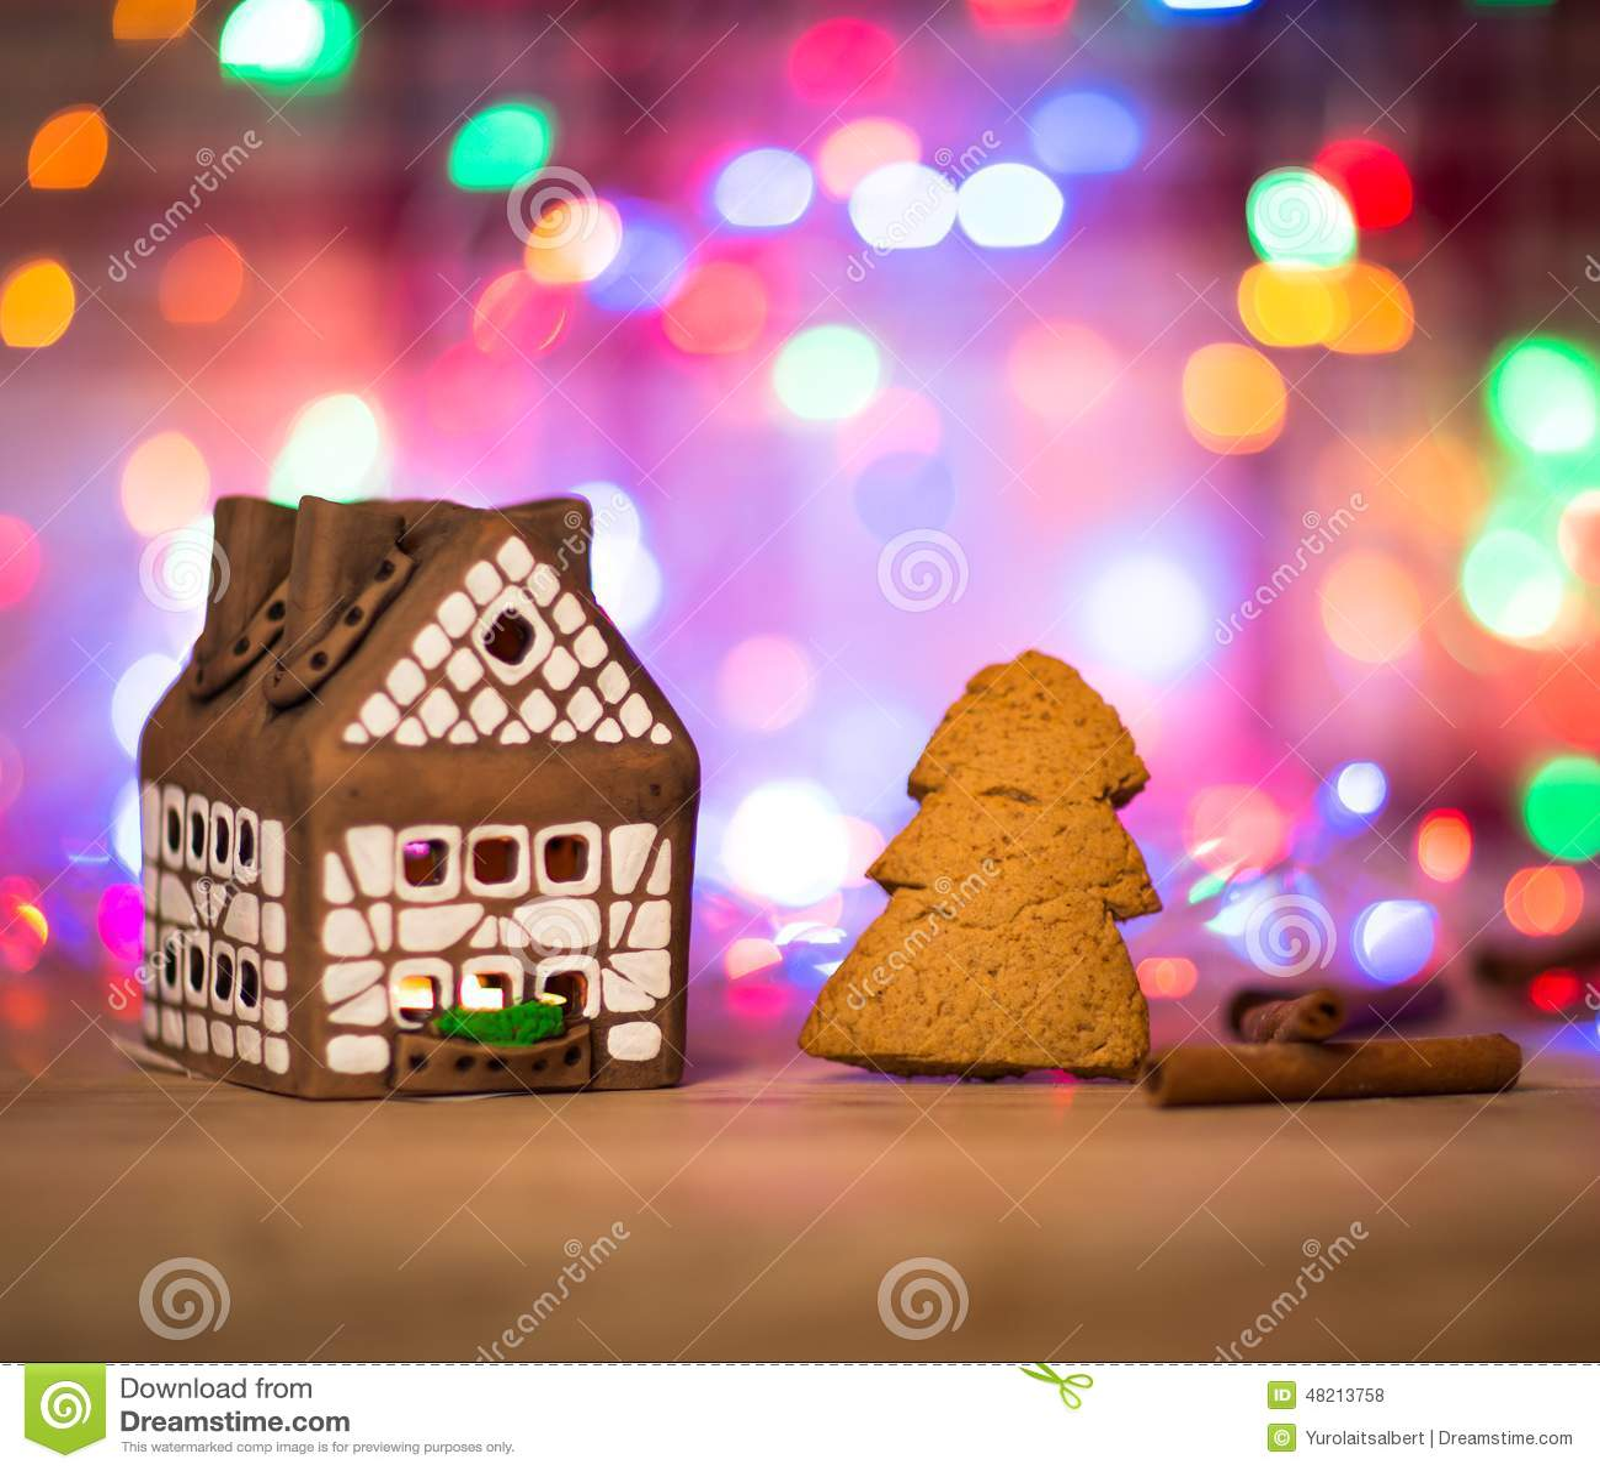 与蜡烛光,狭窄的景深和里面背景光的神仙的圣诞节房子蛋糕.图片